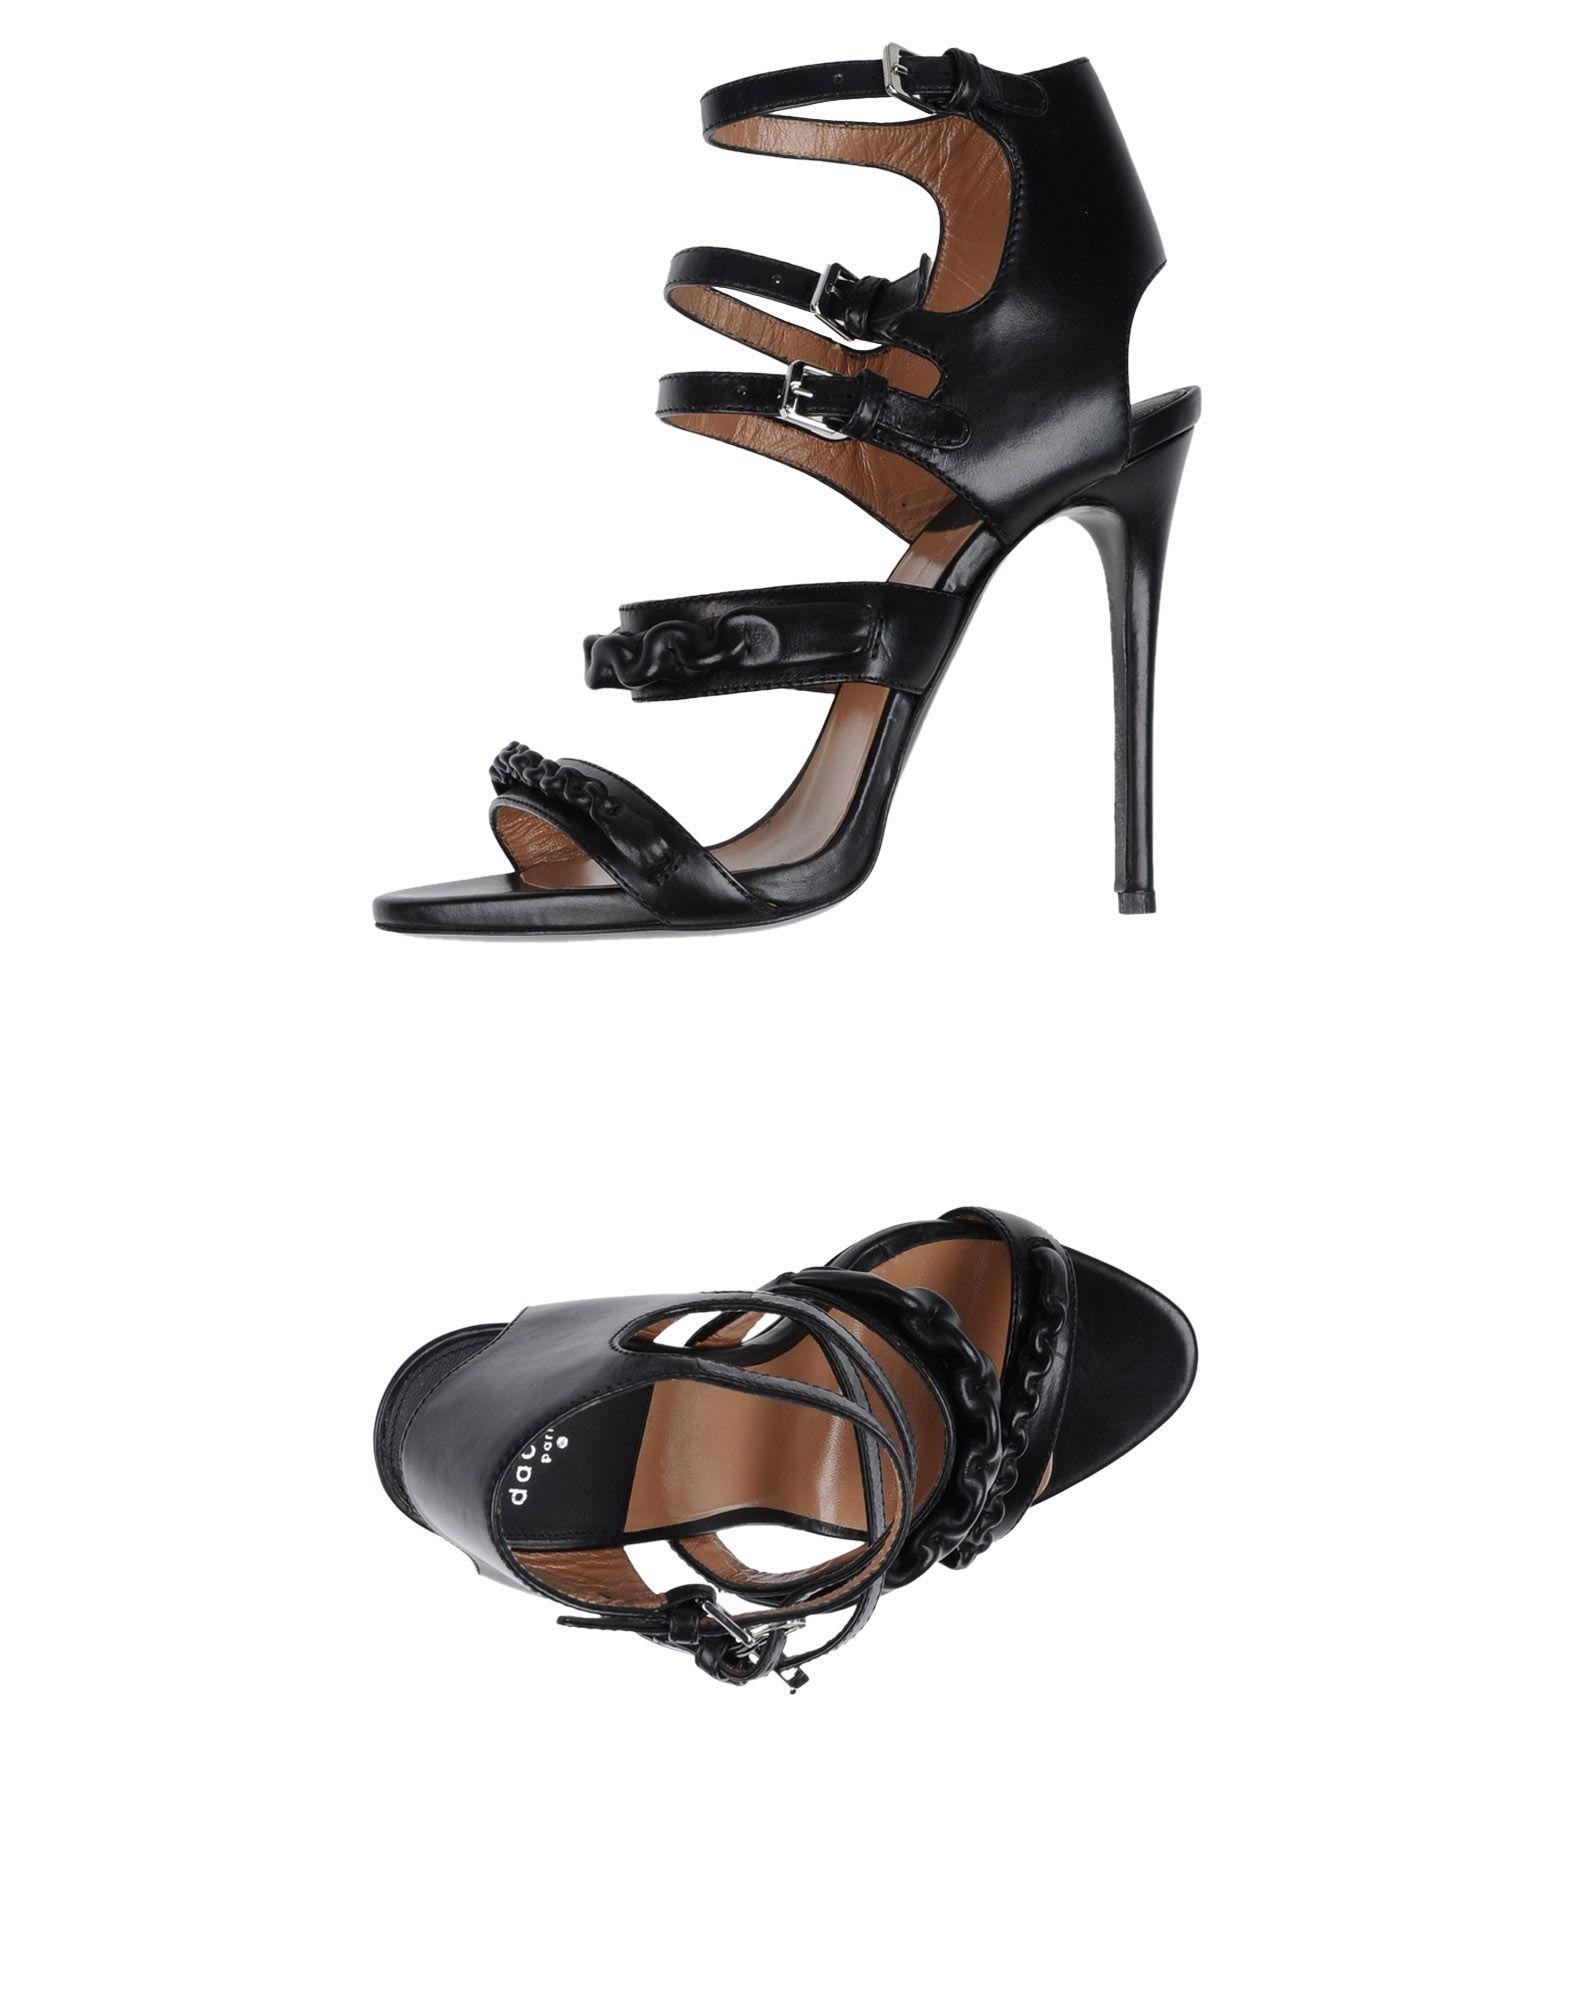 Laurence Dacade Sandalen Damen Schuhe  11338931HLGut aussehende strapazierfähige Schuhe Damen 18330d